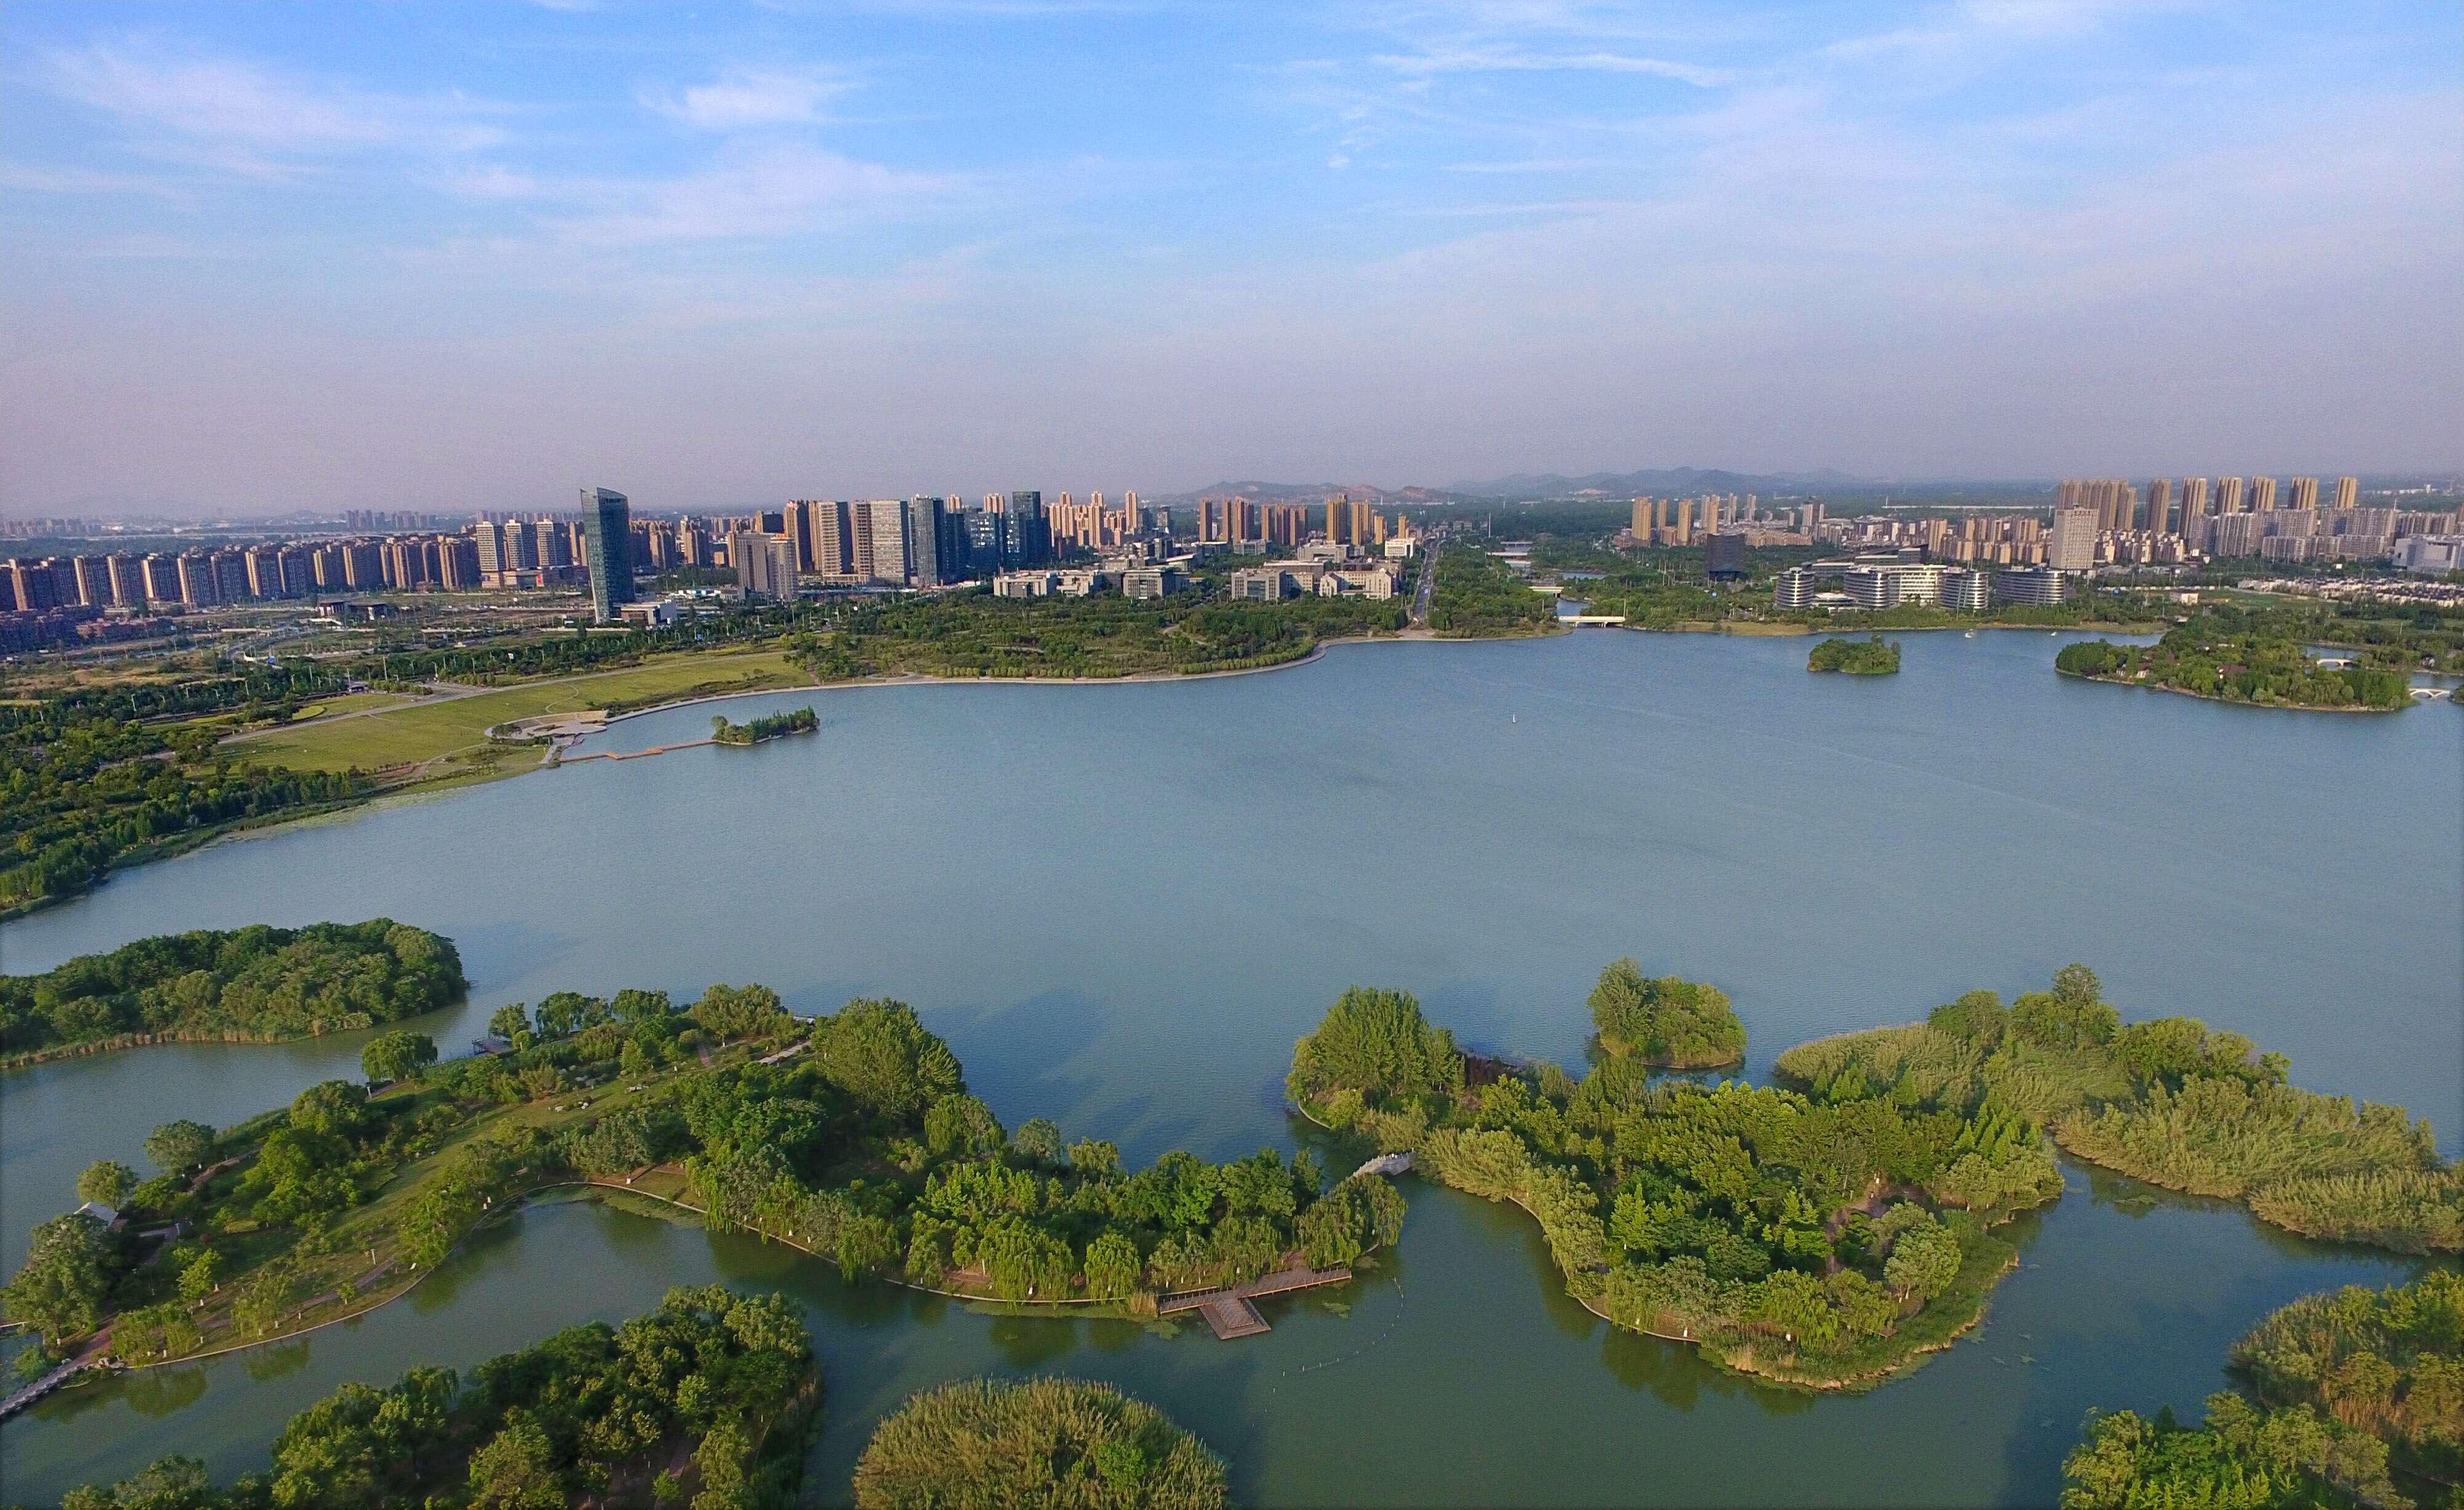 企业办理河湖整治施工资质需要什么条件?